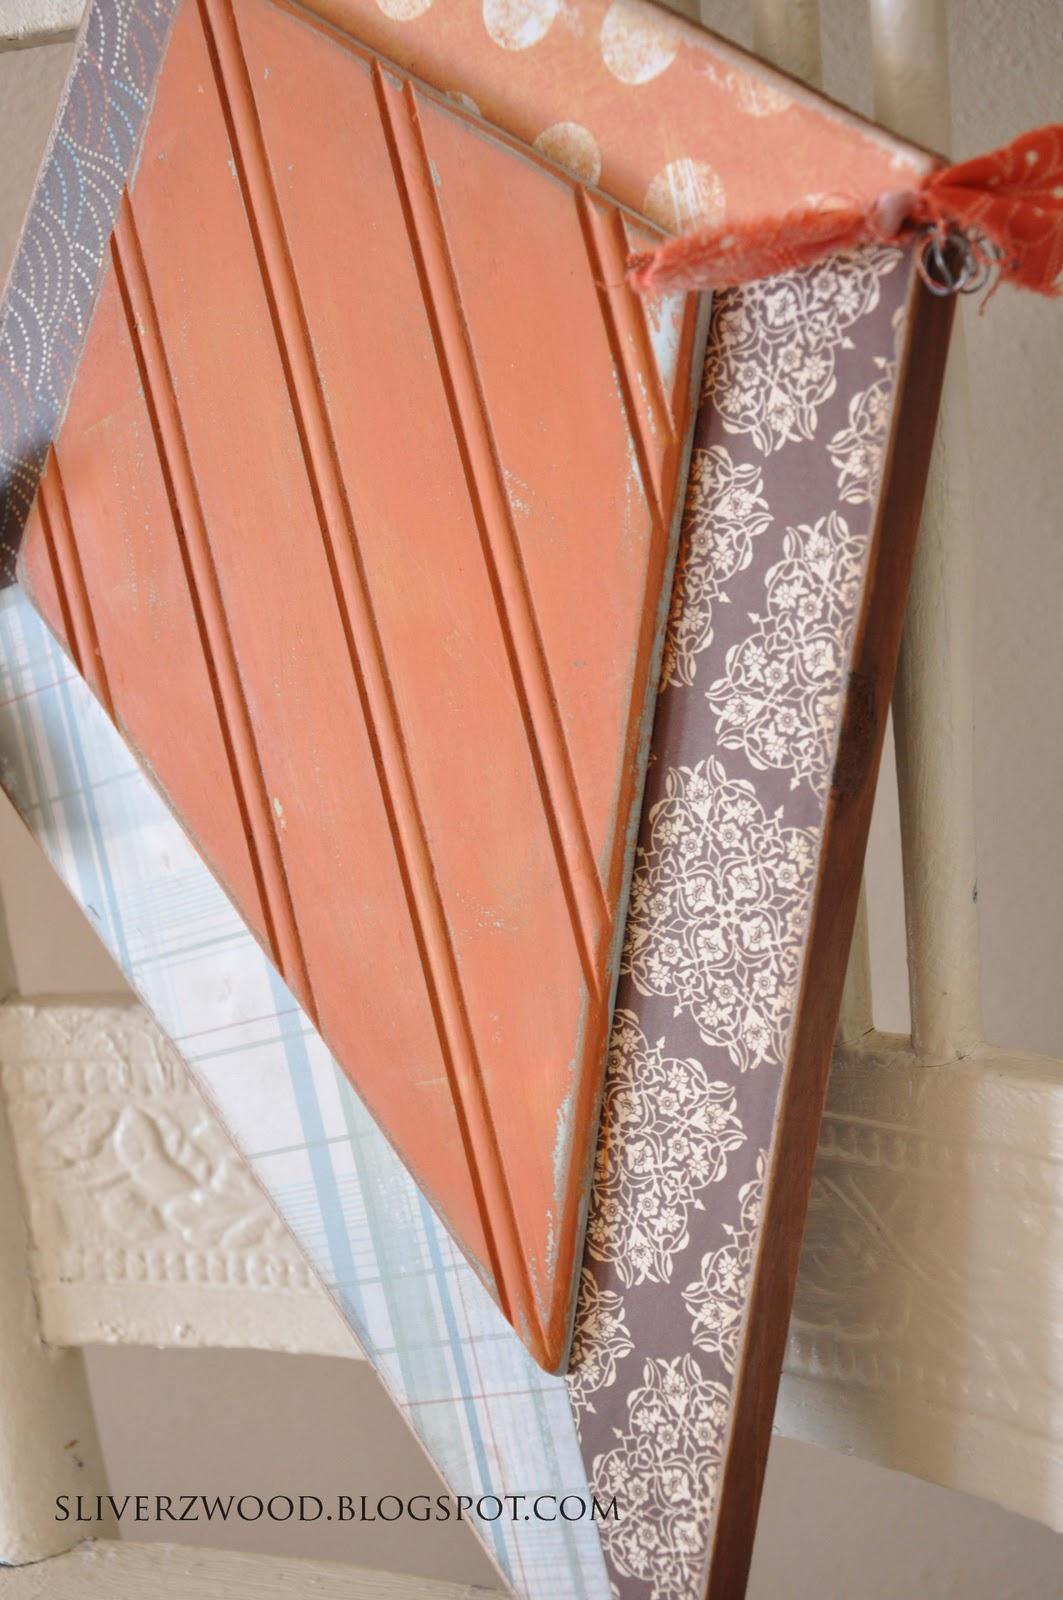 Sliverz: Kite Wood Door Hanger